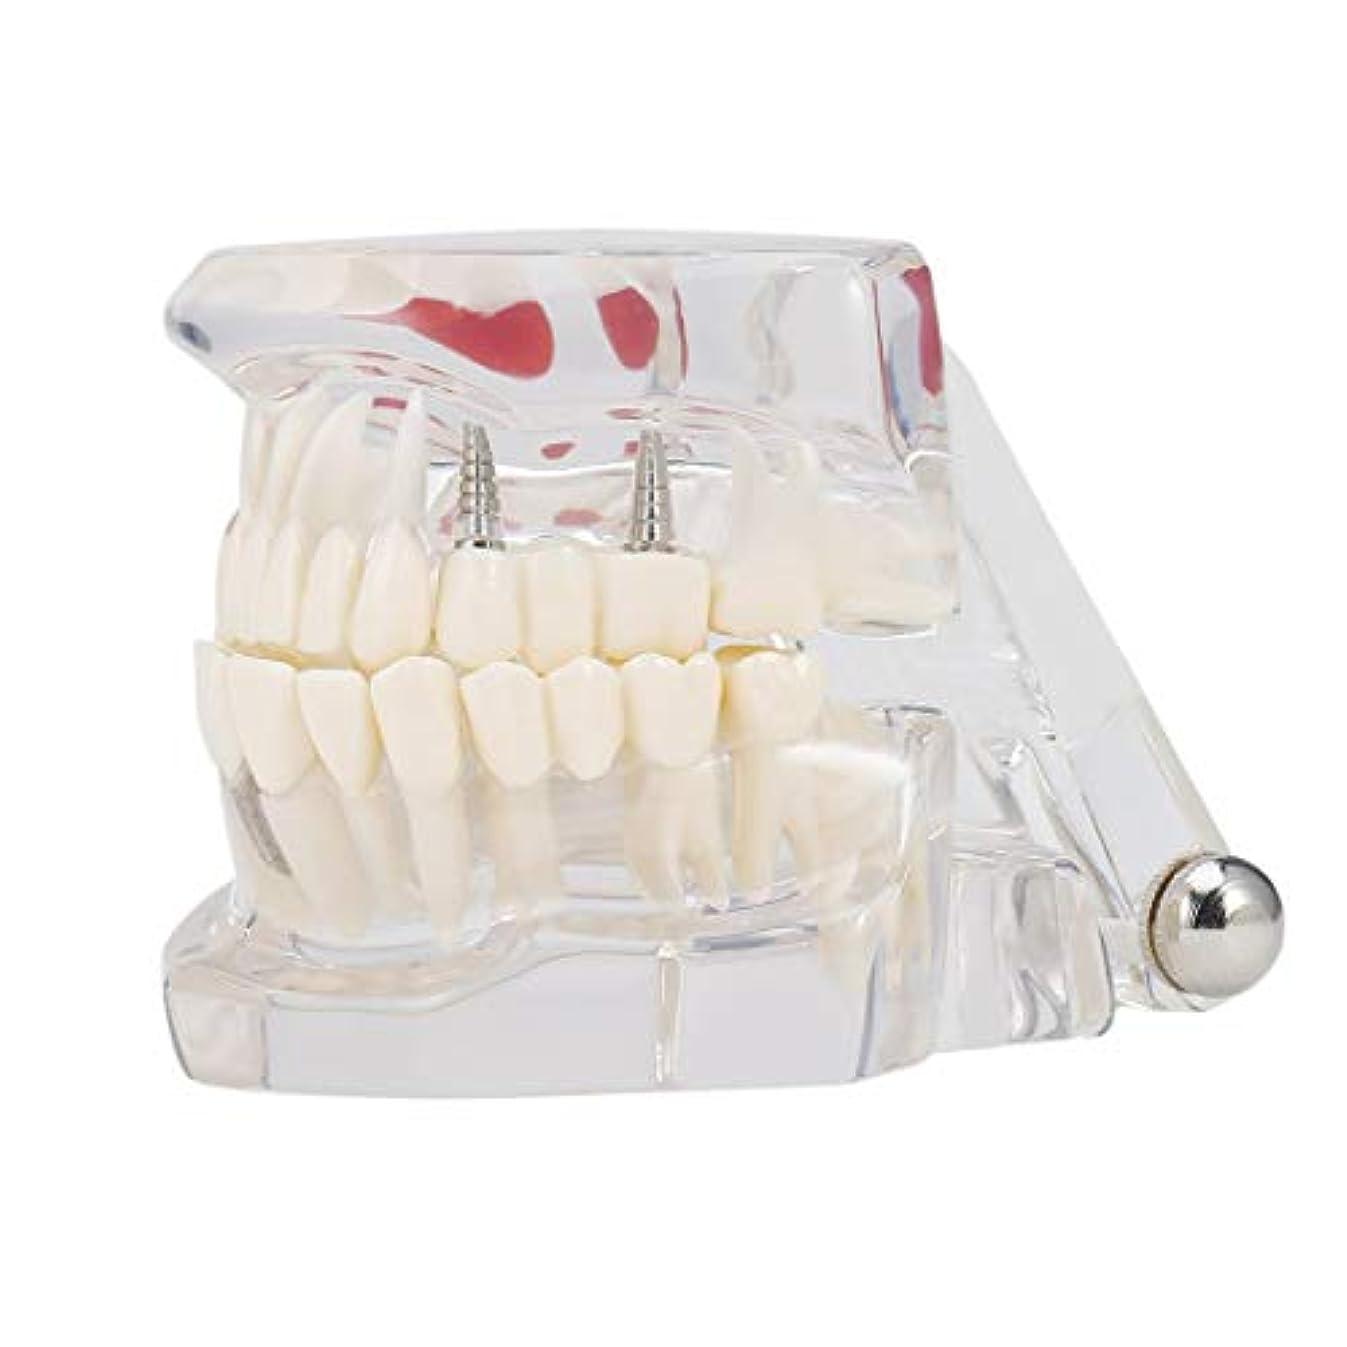 セーブ不足大型トラック専門の取り外し可能な偽の歯の歯の病気のモルデルの歯科インプラント回復表示医院の病院の教育使用 (色:黒) (PandaW)